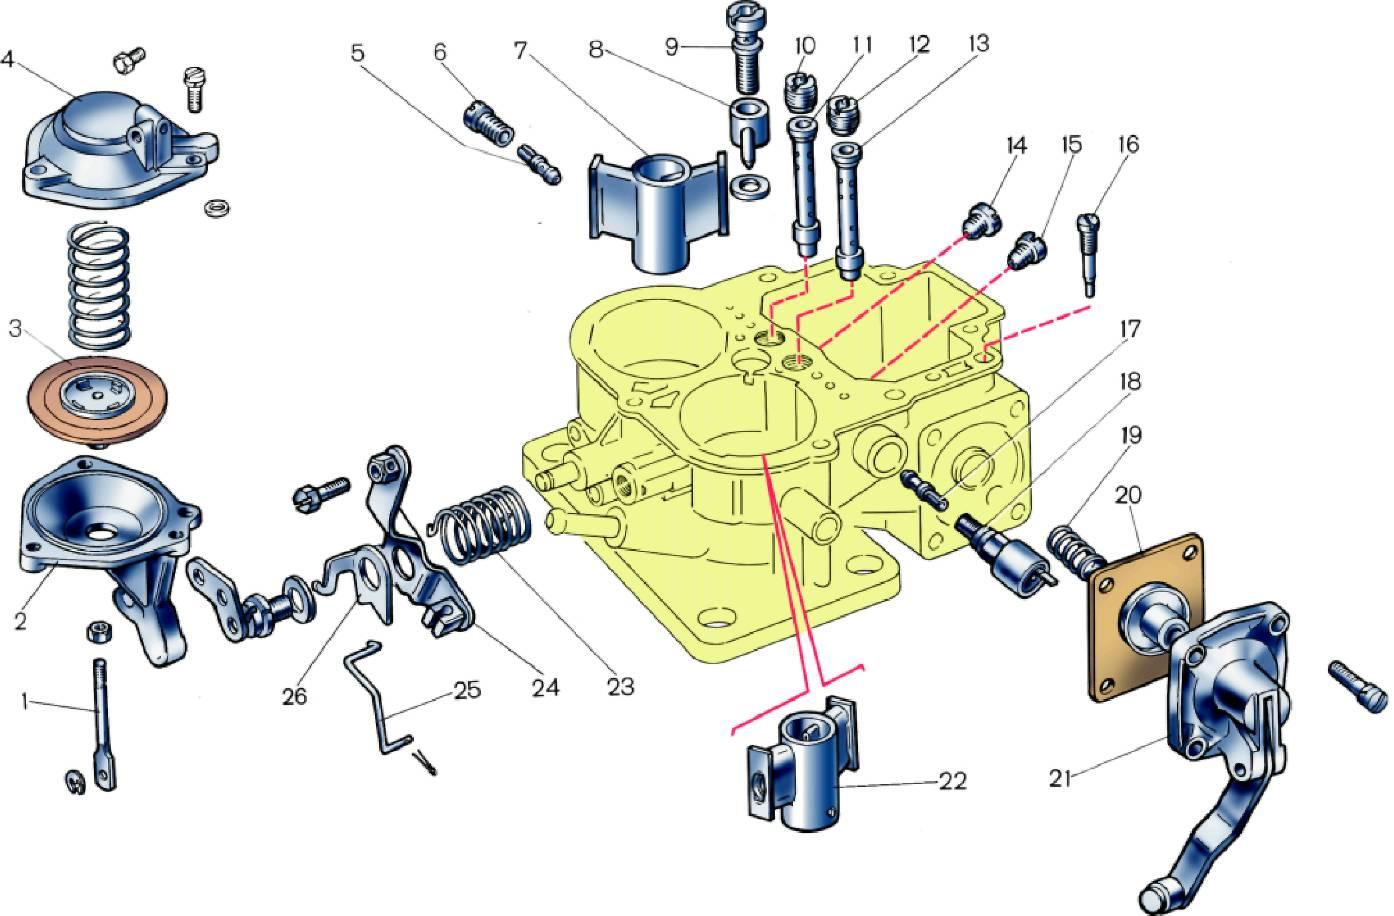 Электромагнитный бензиновый клапан устройство 28